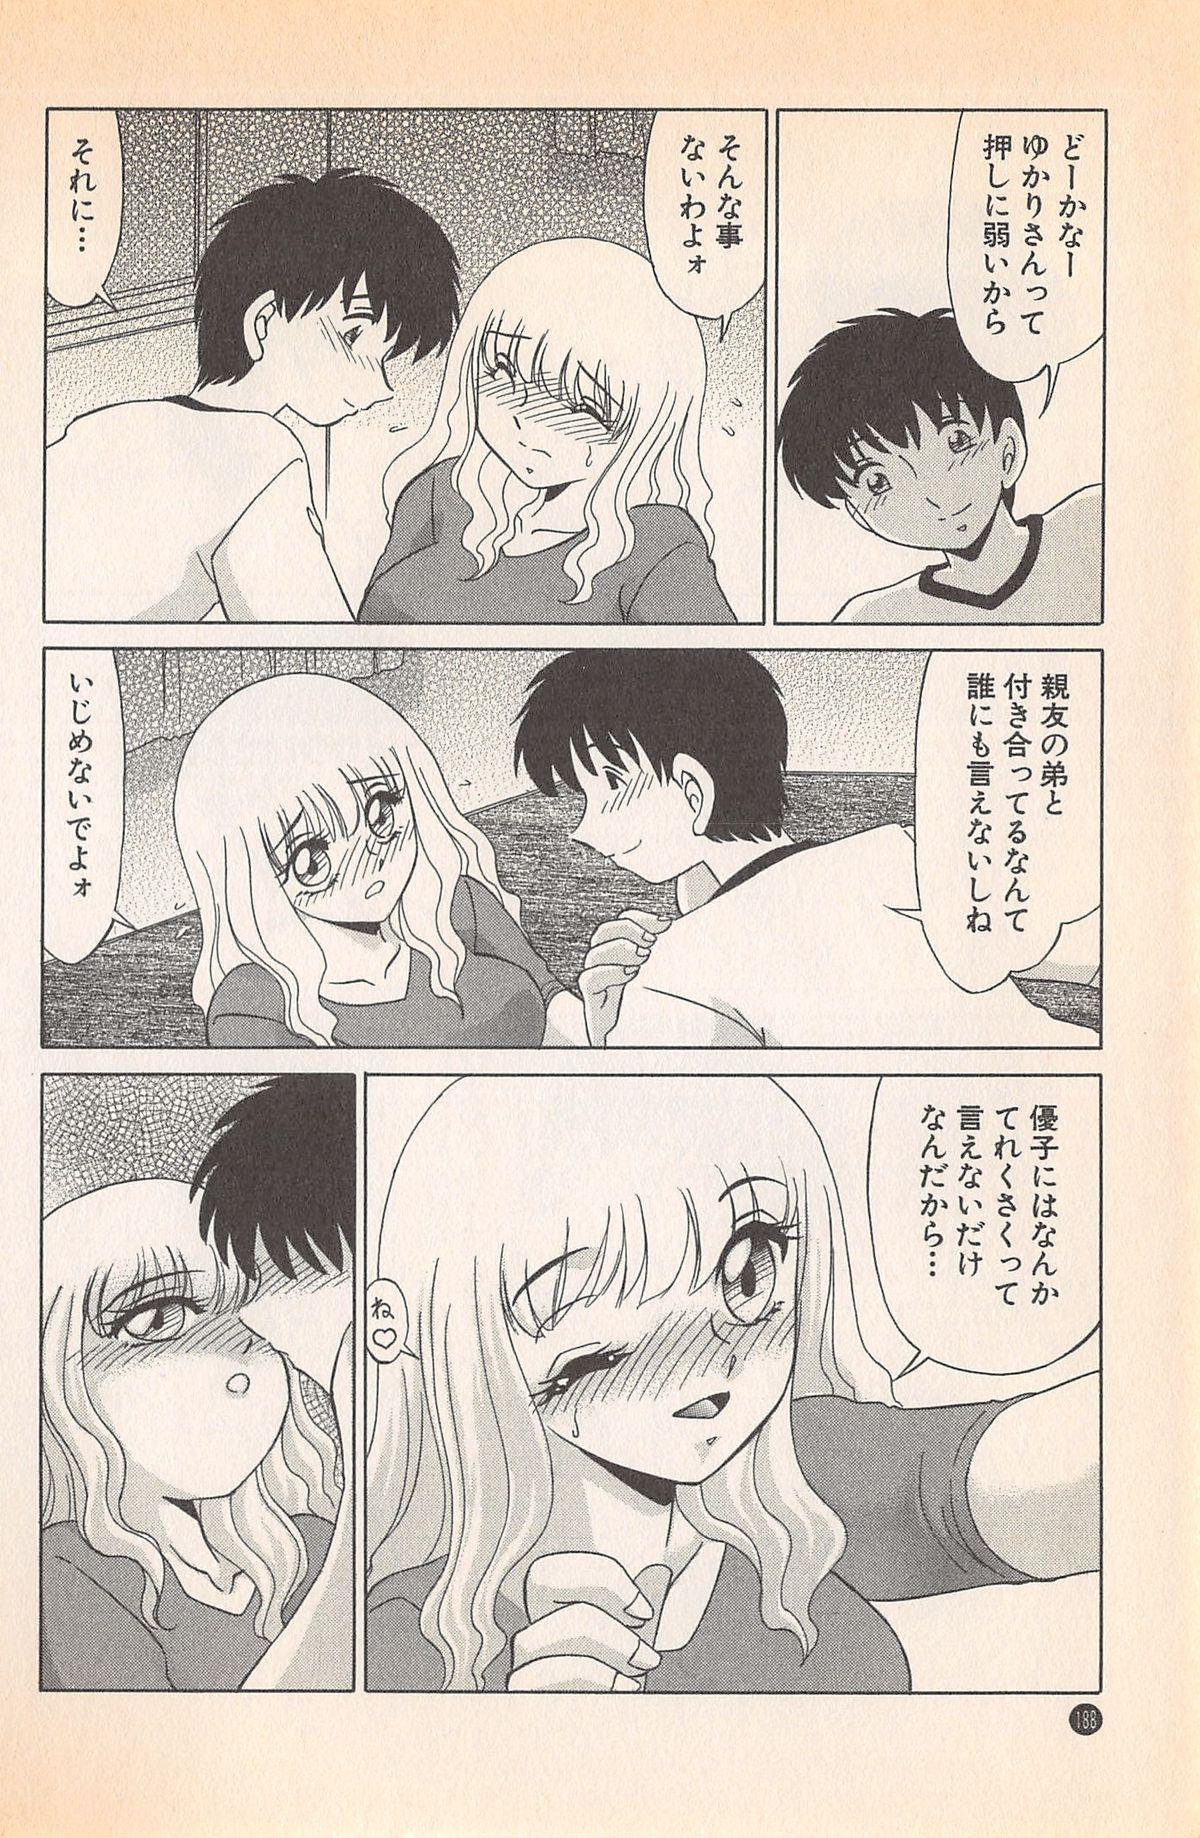 Doki Doki no Shikumi 189